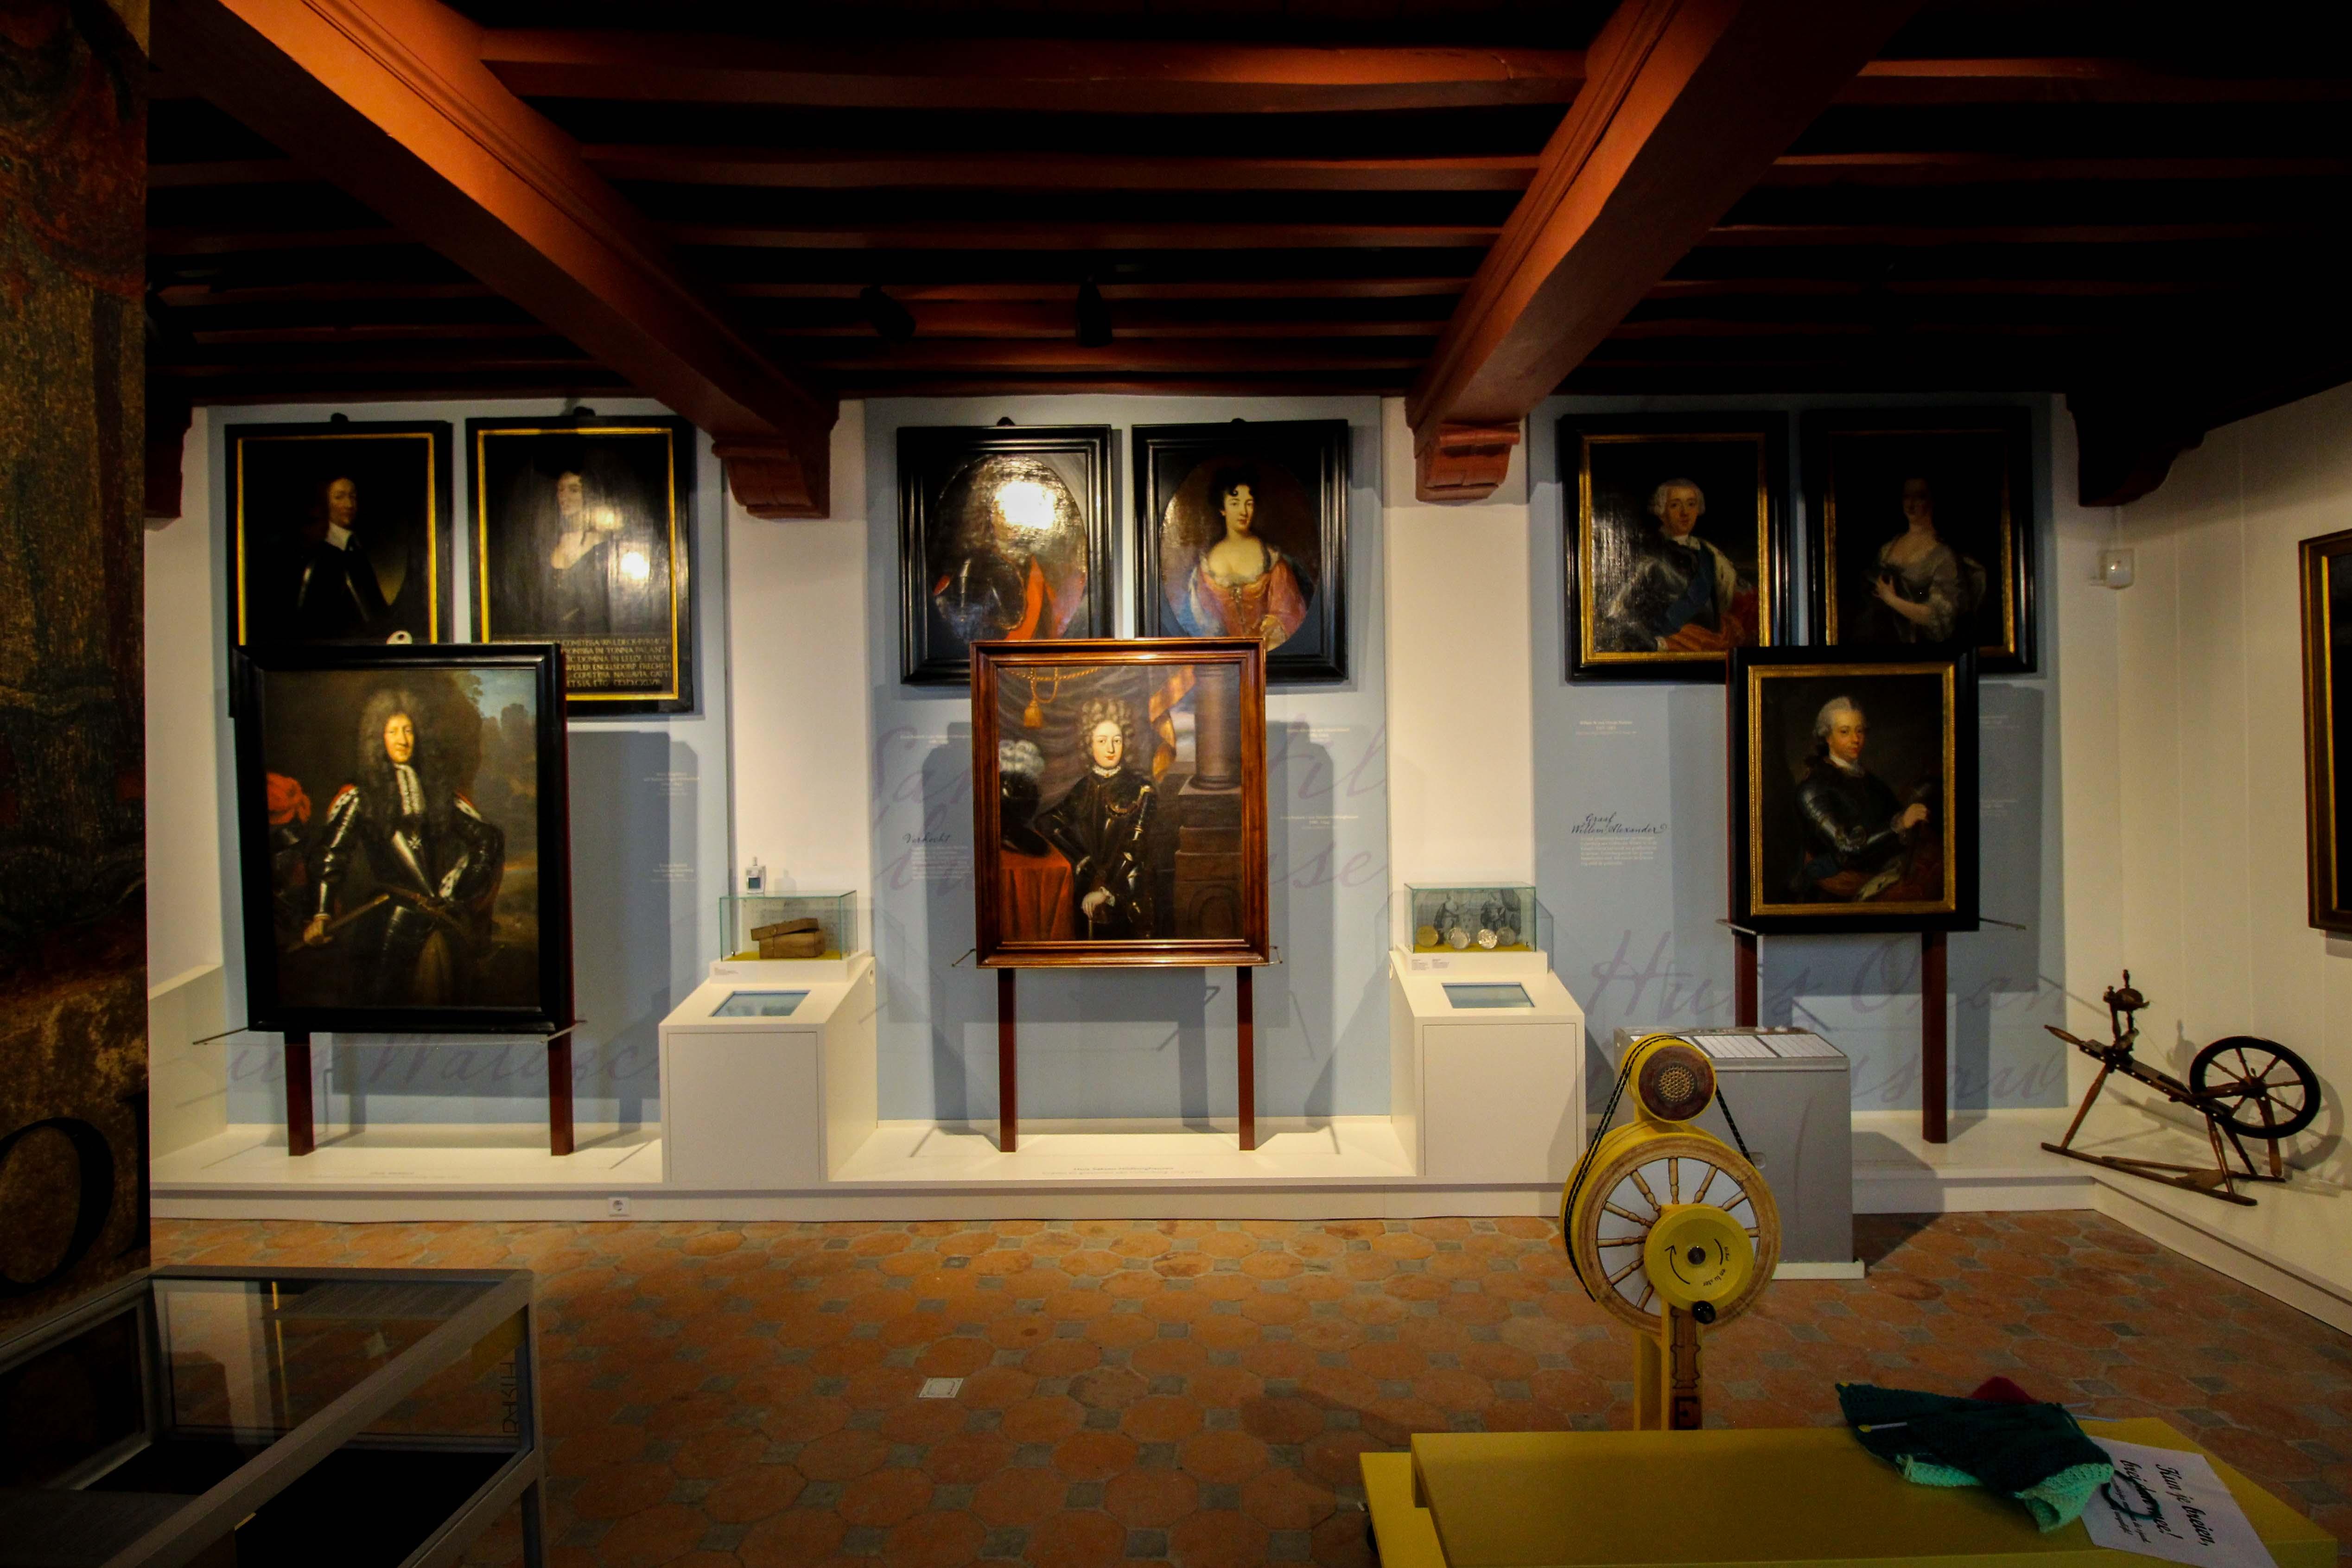 Wochenendtrip Holland Waisenhausmuseum Culemborg Elisabeth Weeshuis Museum Gemälde das andere Holland Reiseblog Ausflug von Deutschland